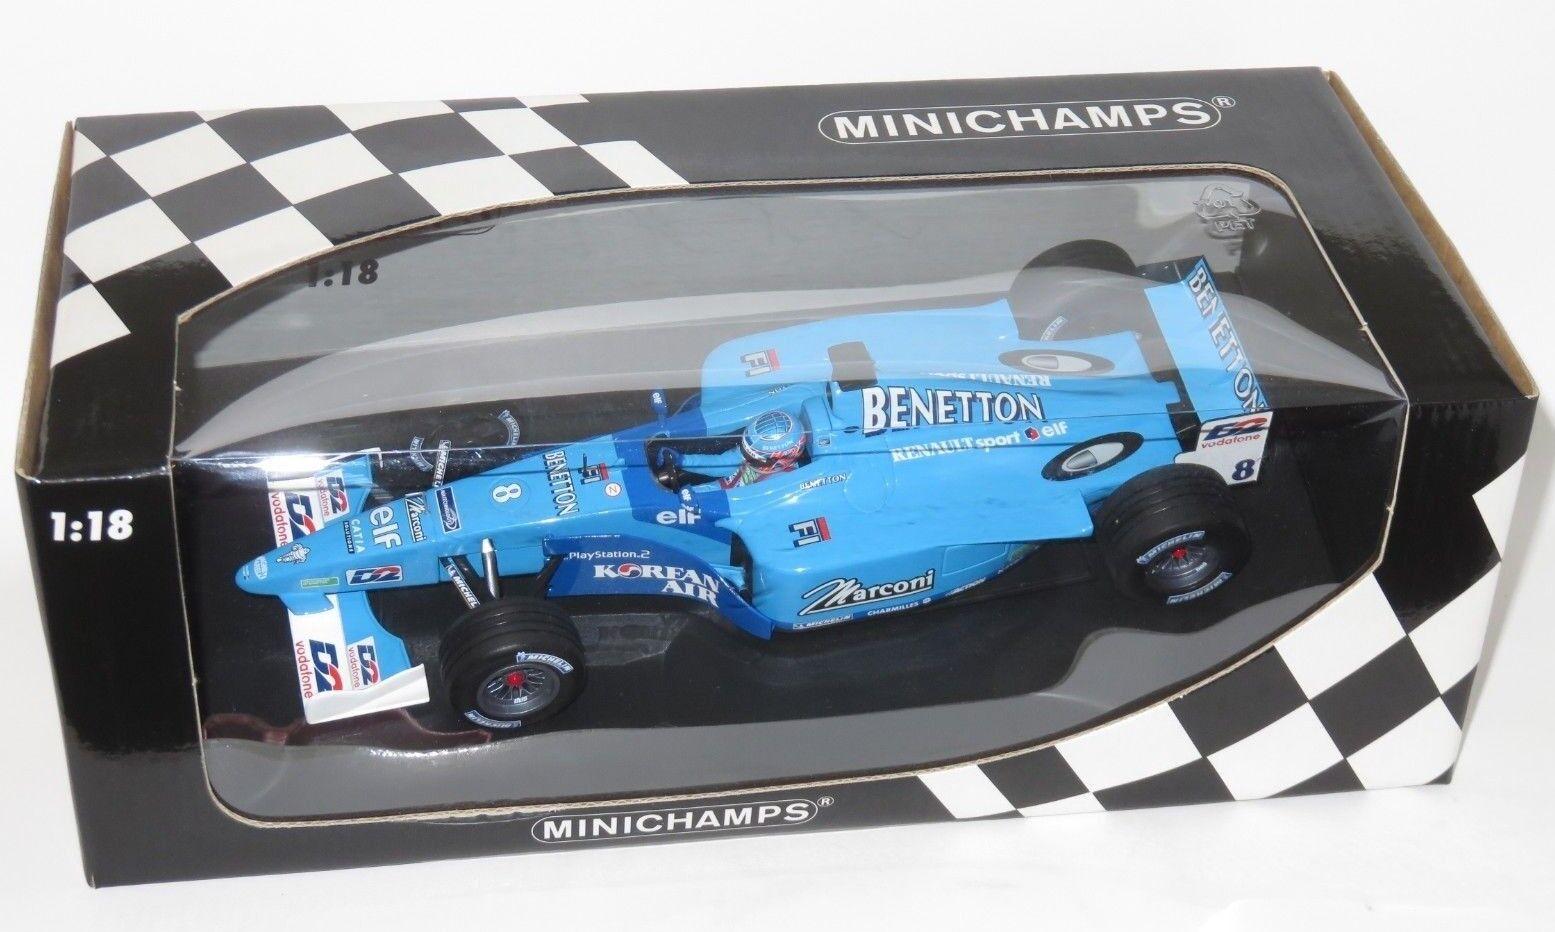 1 18 BENETTON RENAULT SPORT mostrareauto 2001 Stagione Jenson Button